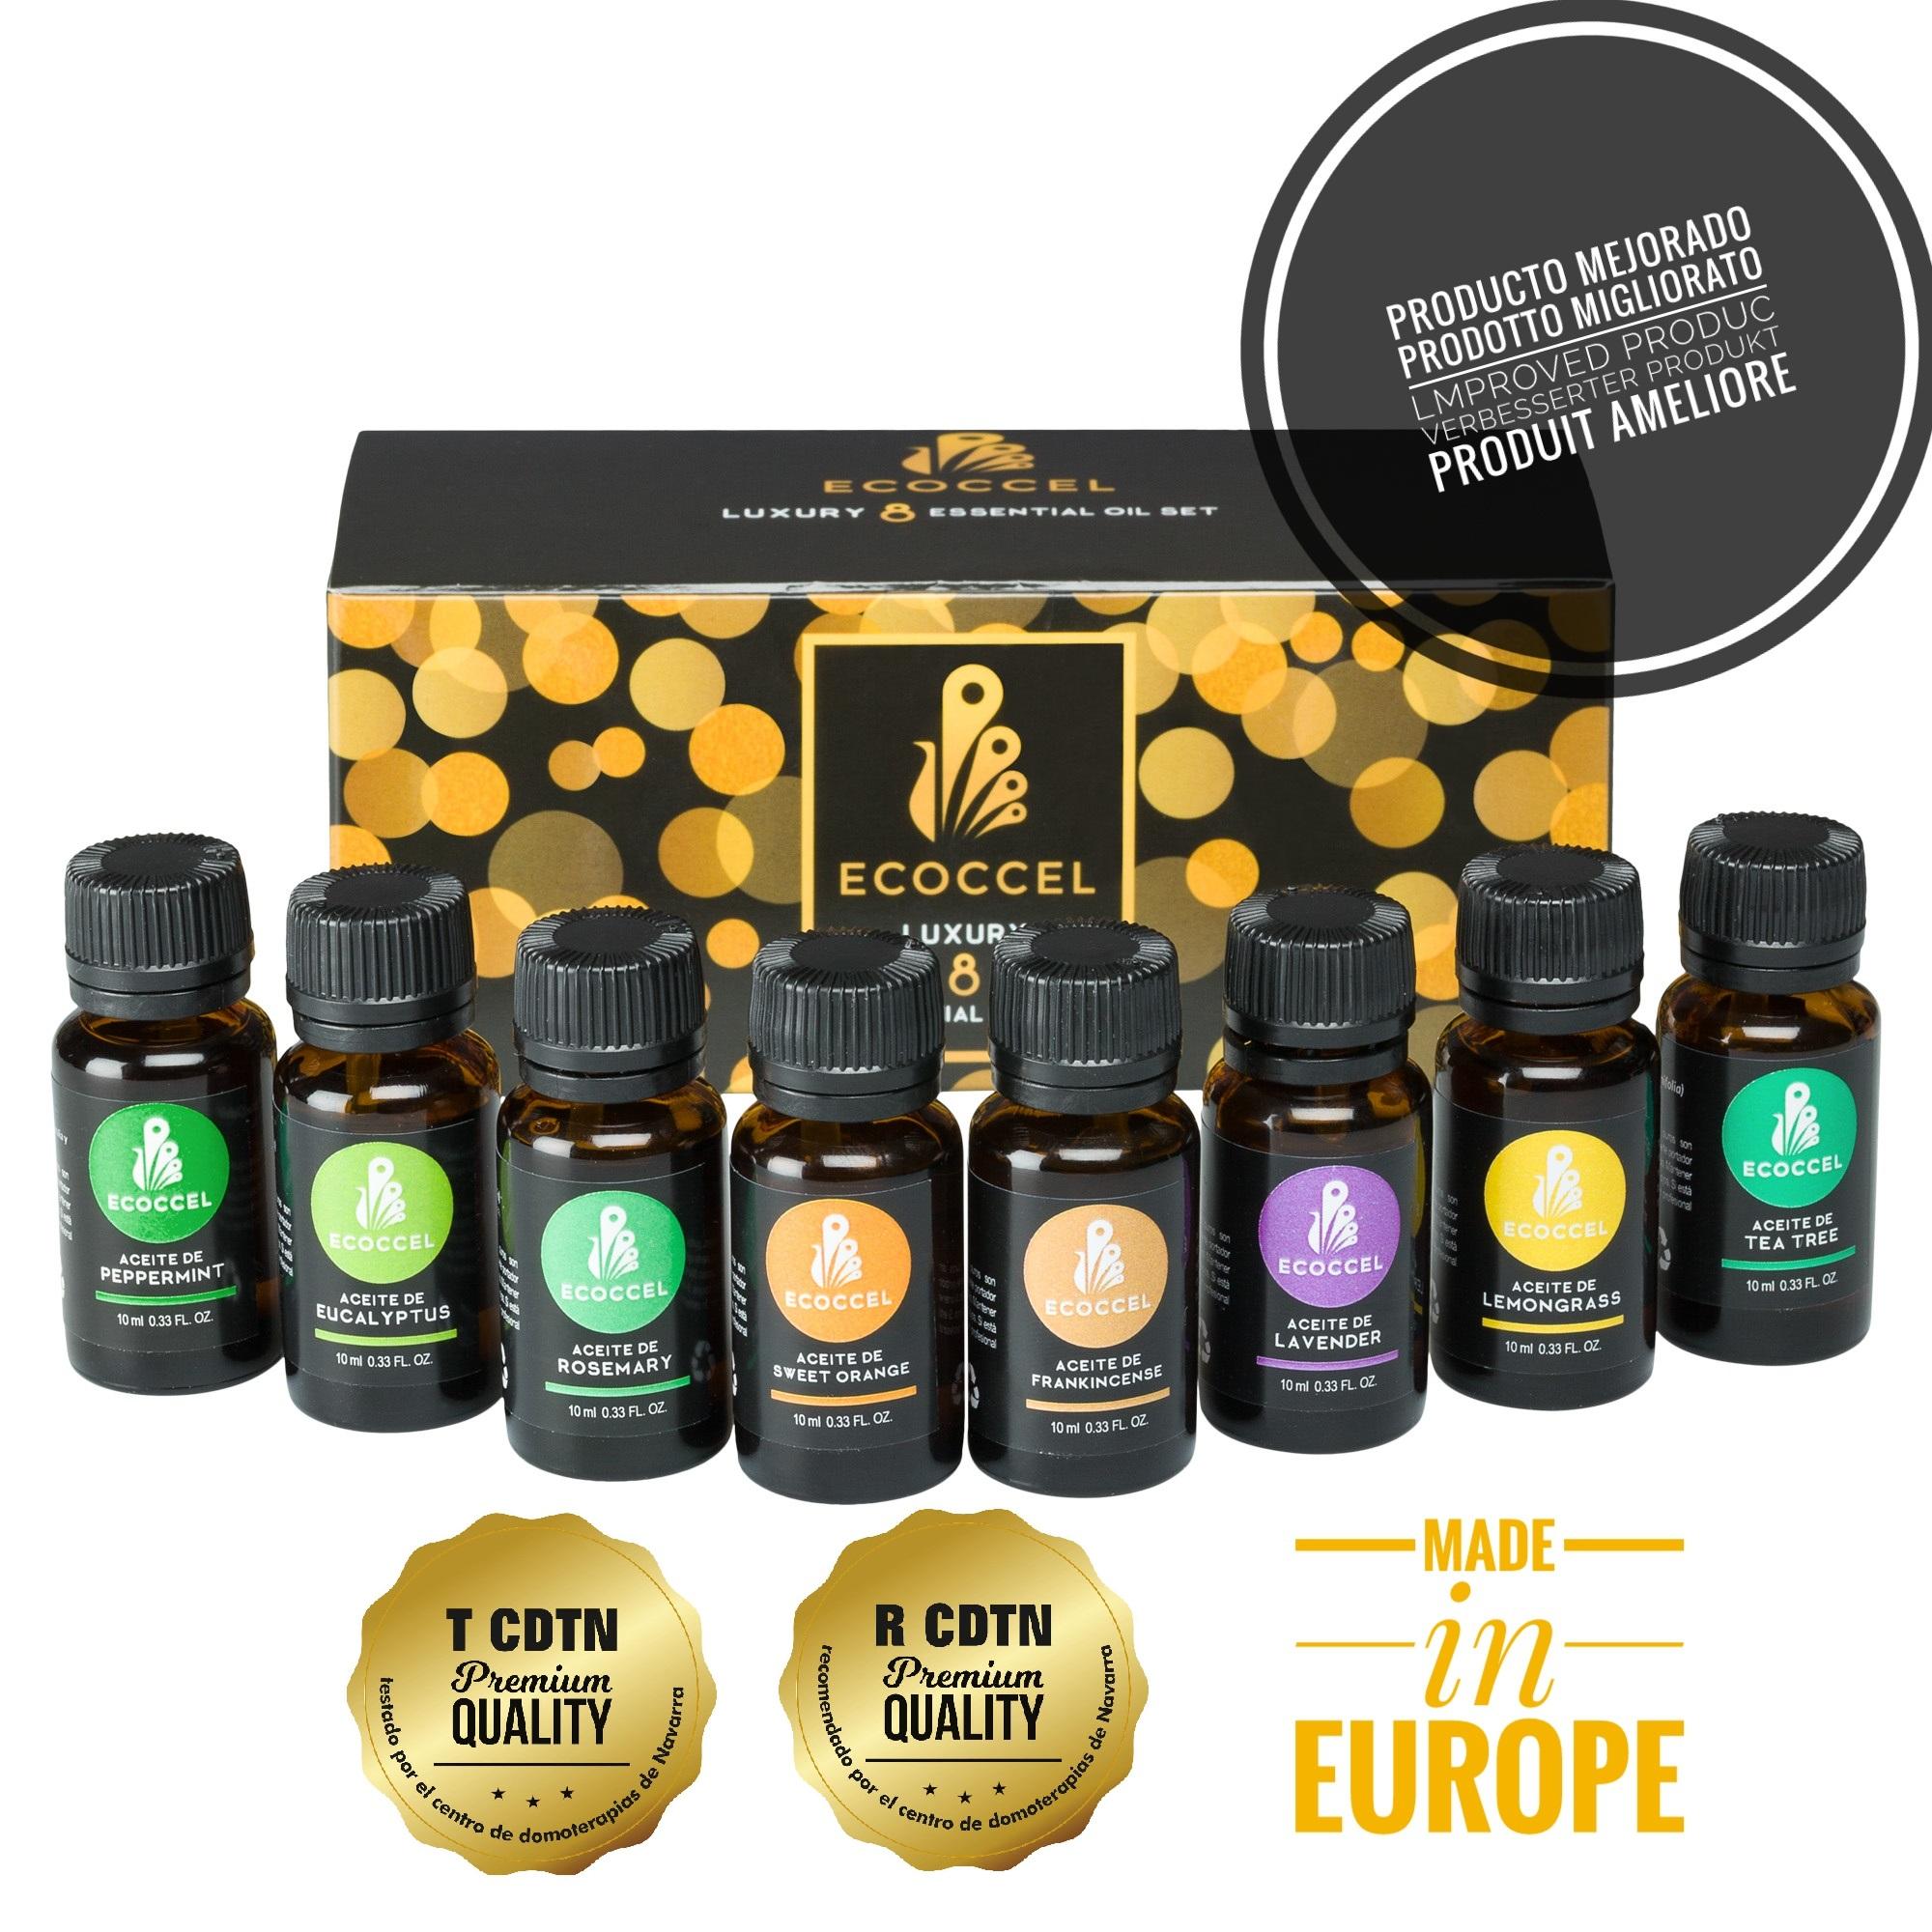 Aceites esenciales naturales, aceite esencial de lavanda, romero, puros 100%, mejores aceites esenciales para belleza, aceites esenciales aromaterapia para el hogar. Pack 8 ecoccel luxury 10 ml.